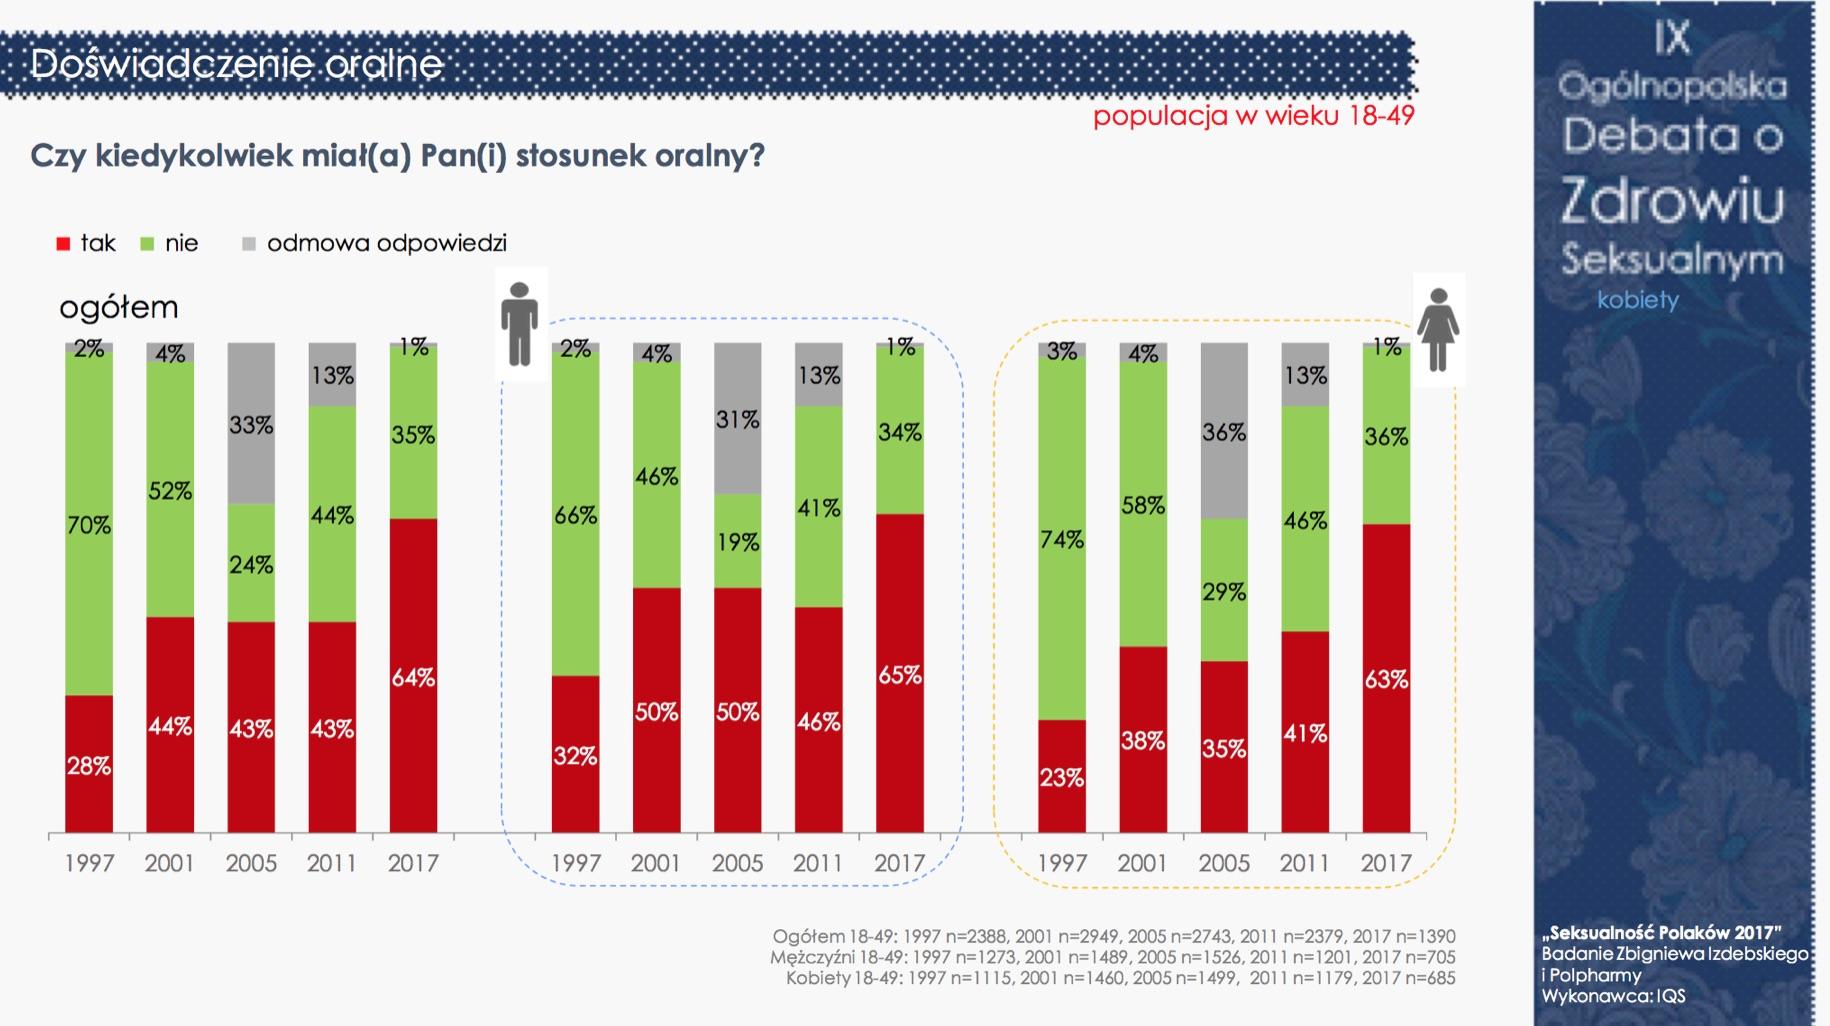 """""""Seksualność Polaków 2017"""" - nadal jesteśmy grzeczni i powściągliwi (pełne wyniki) Badania mediarun debata seksualnosc 6"""